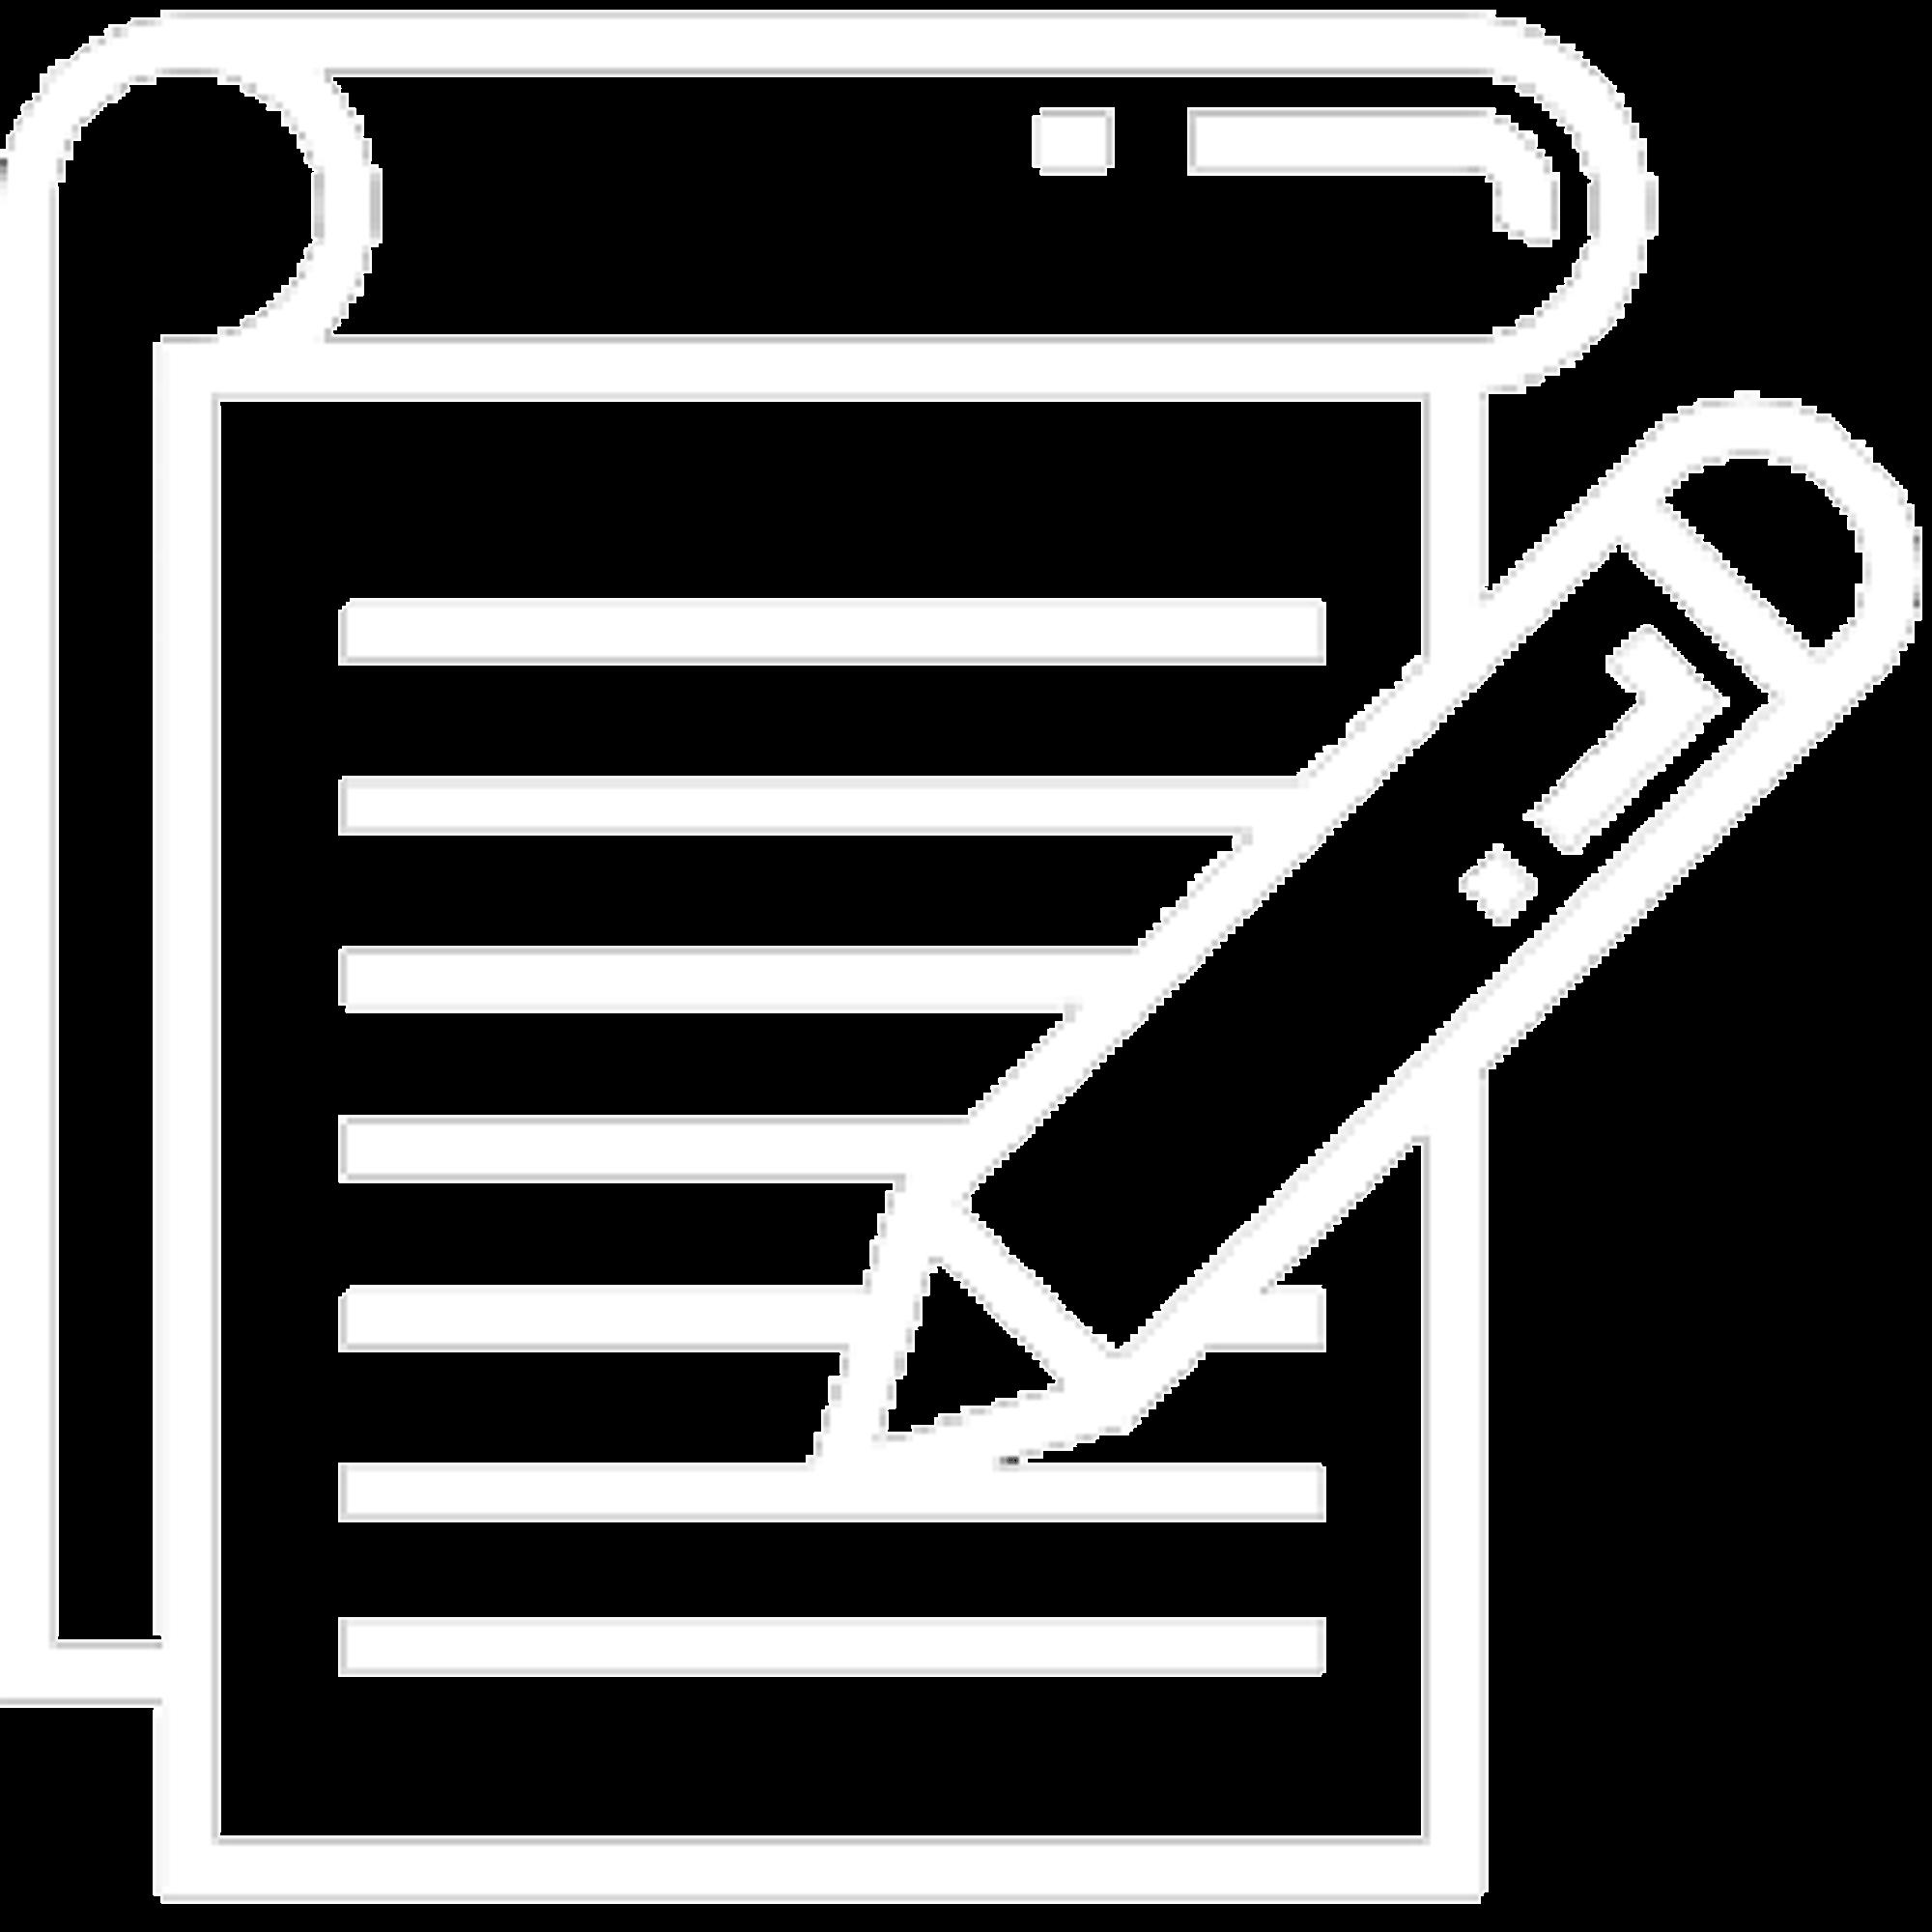 تنظیم اوراق قضاییی و قراردادها